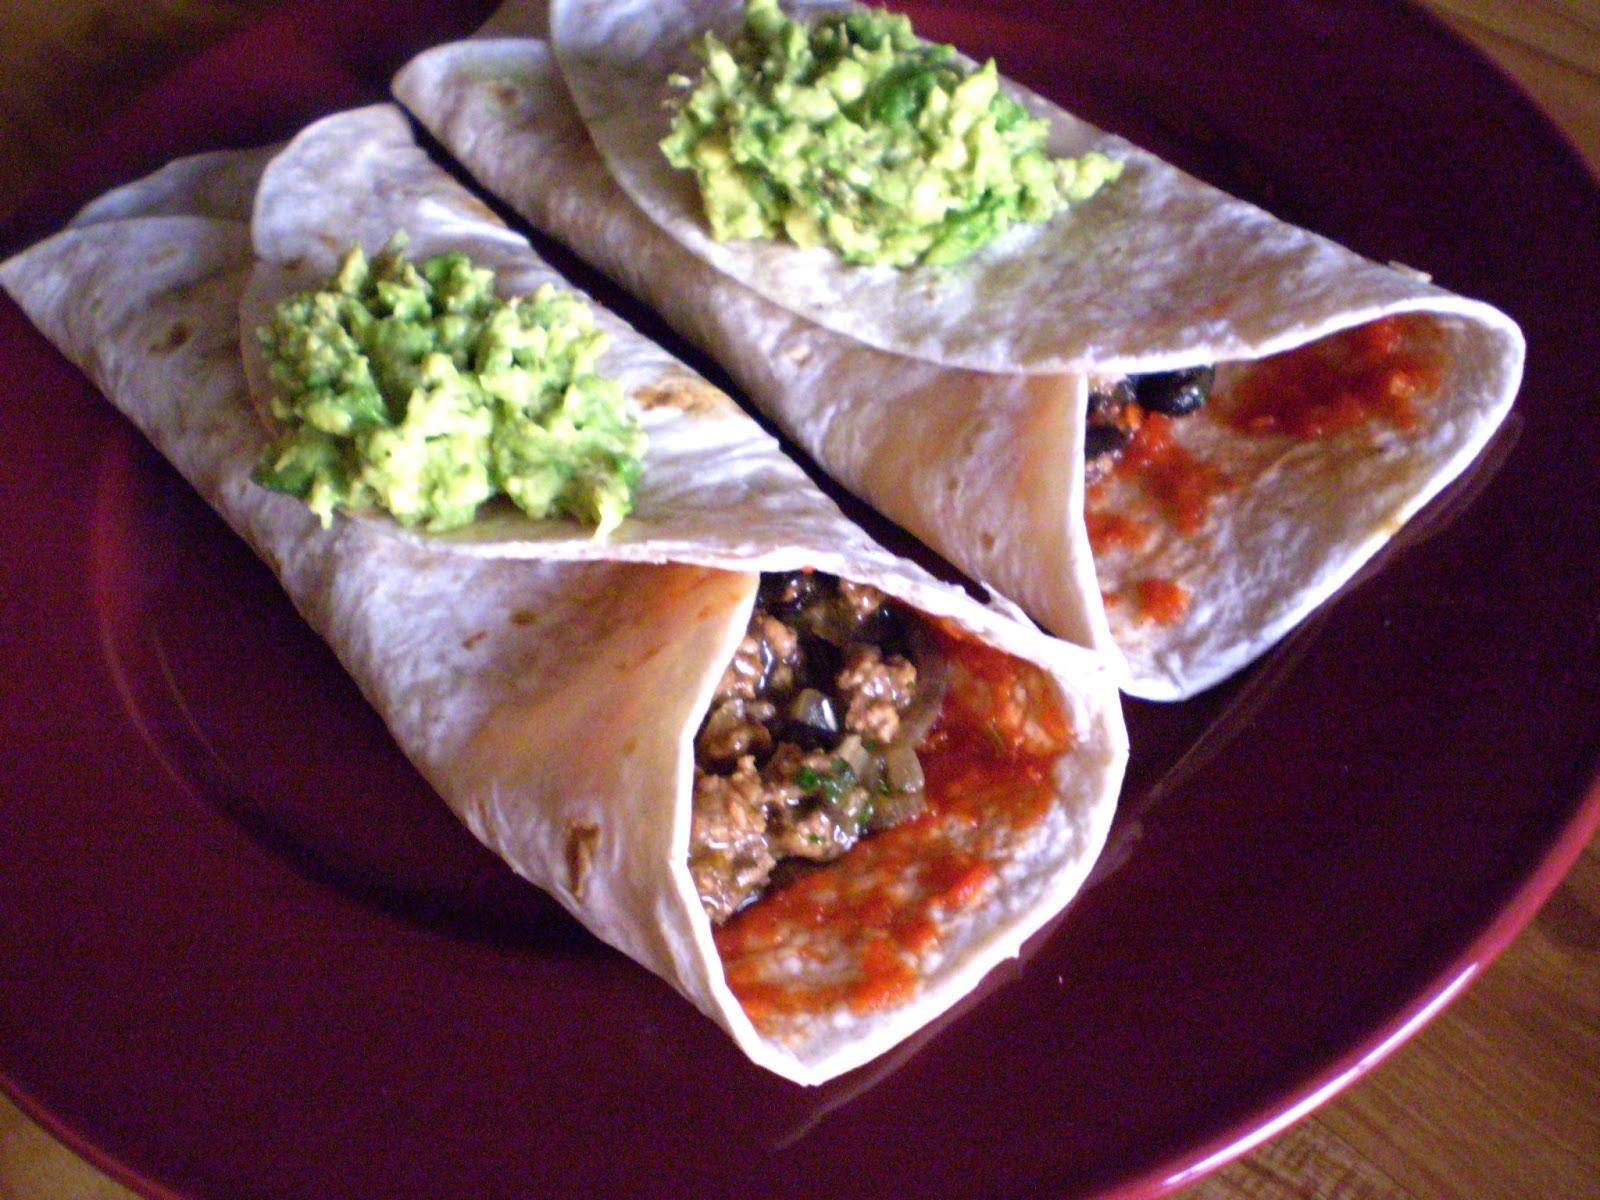 Burritos de frijoles y carne molida